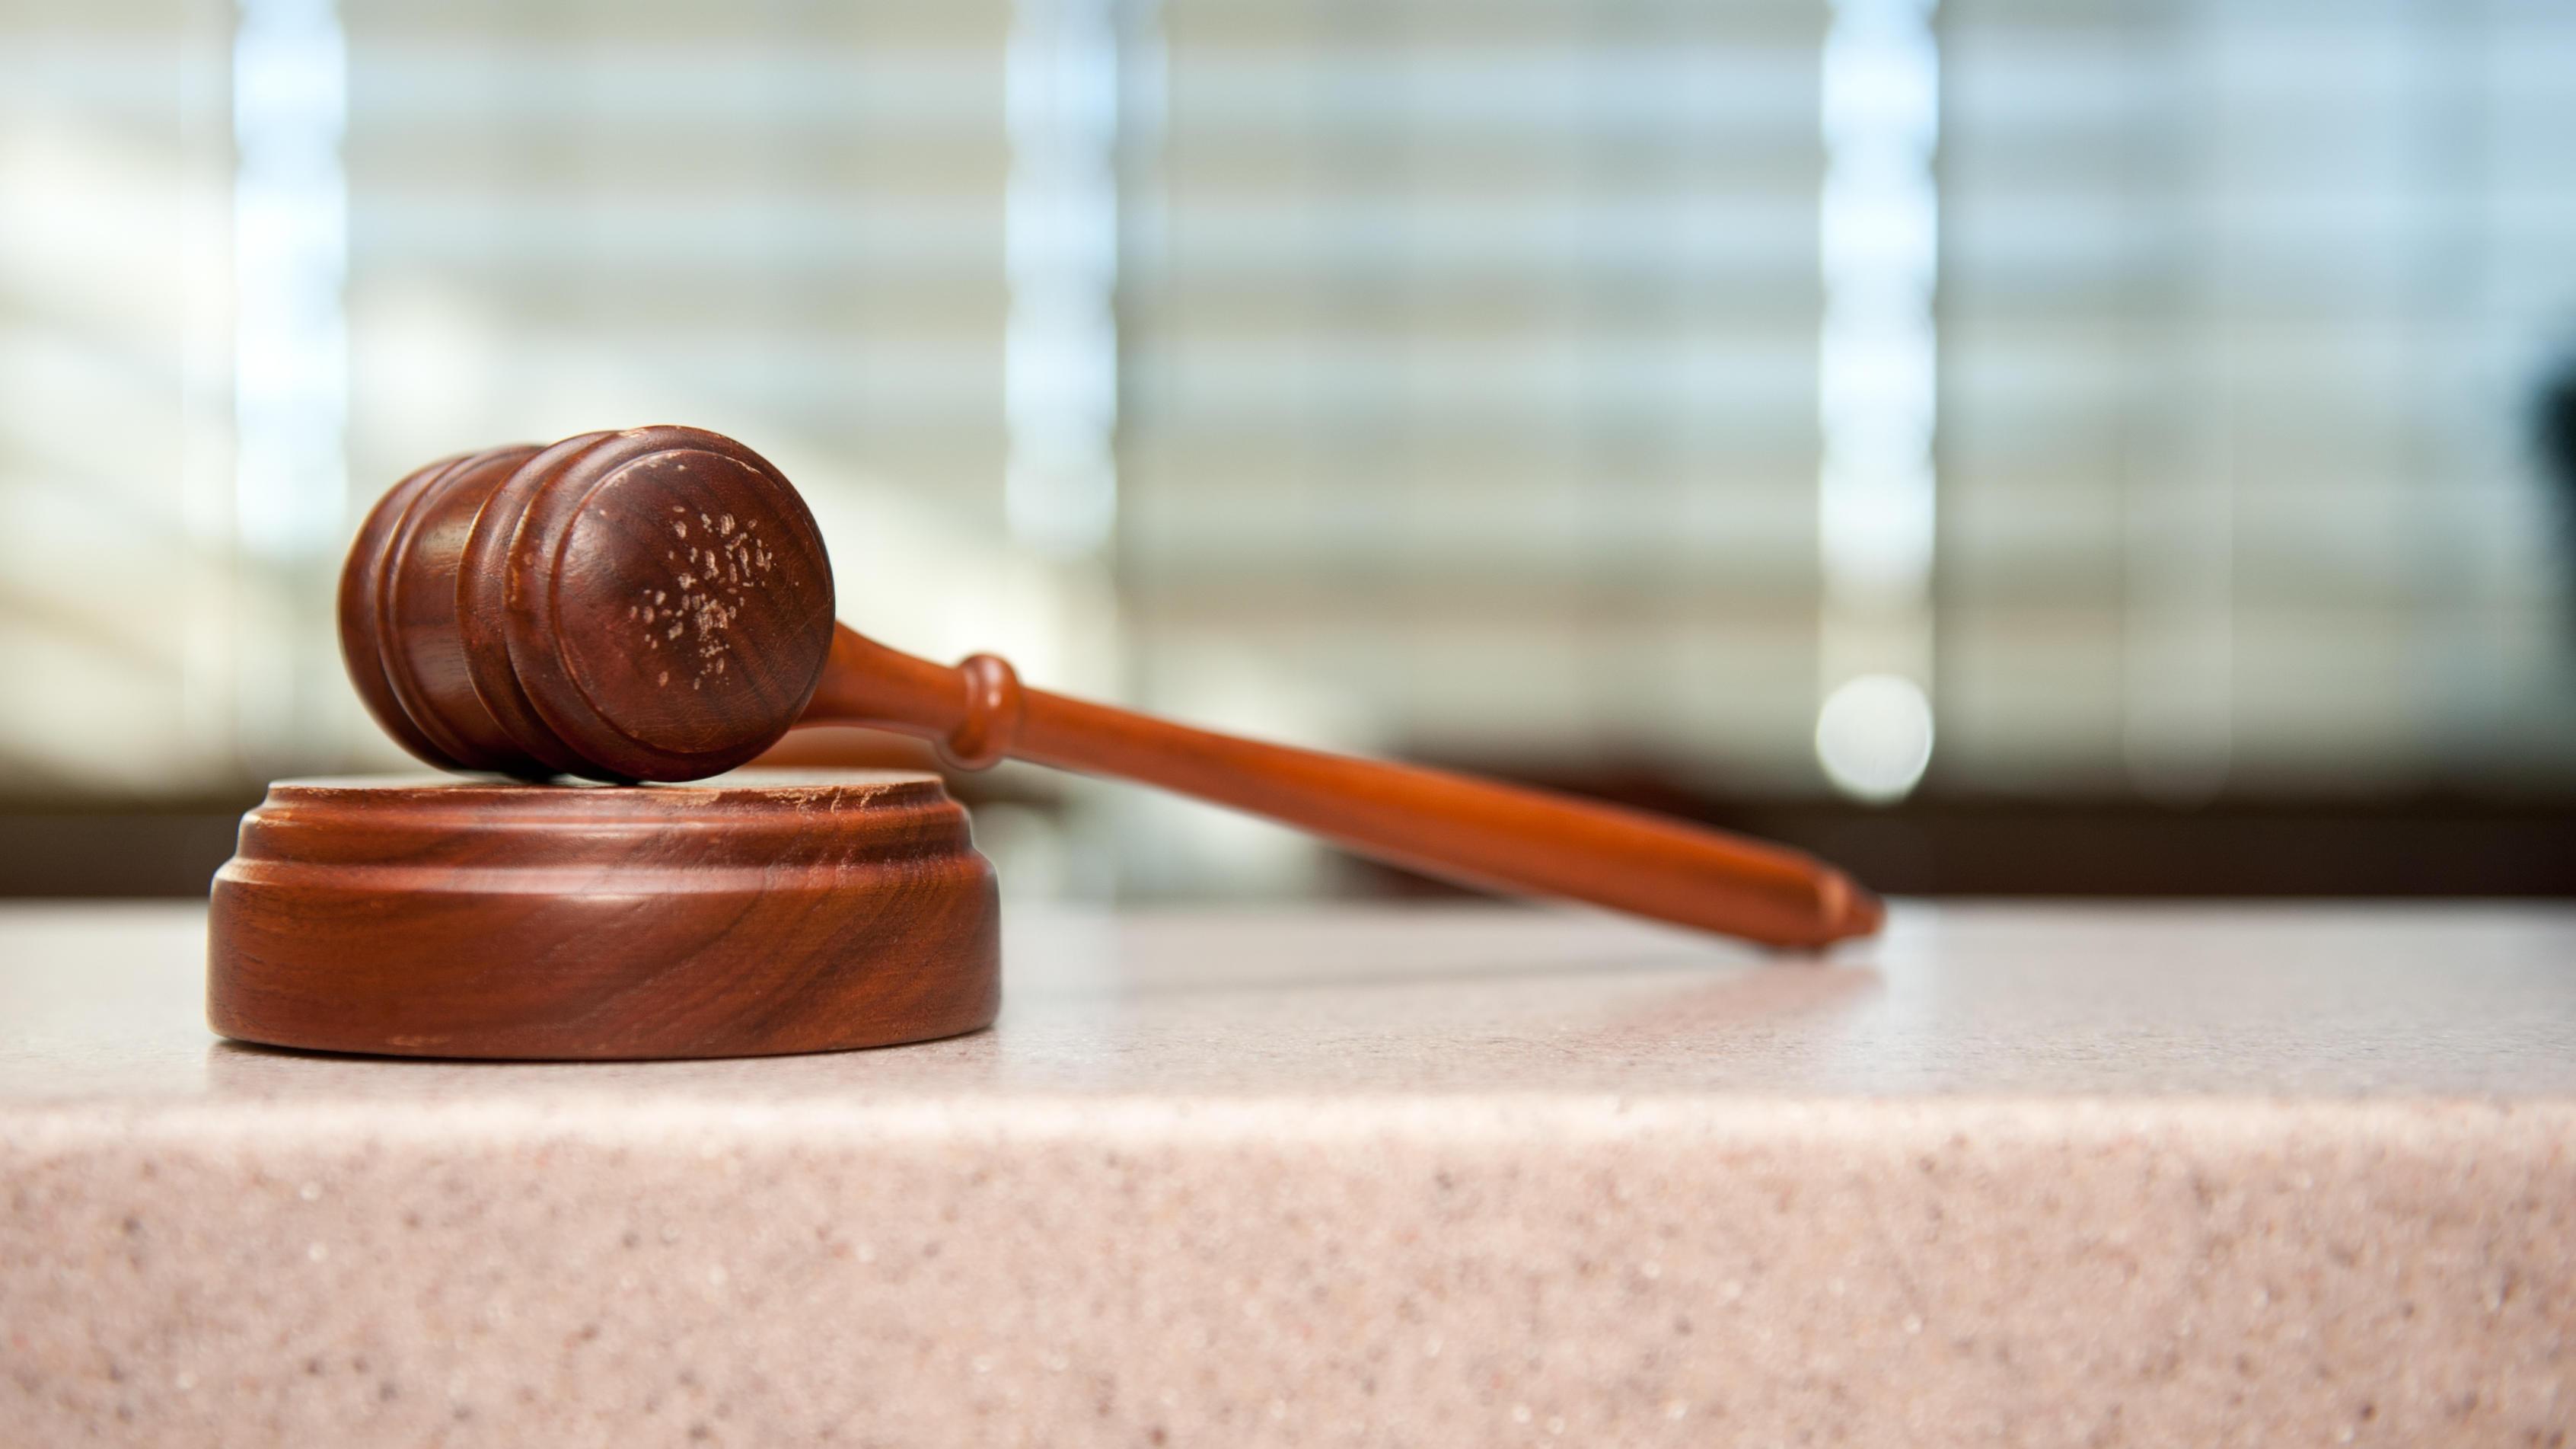 Съдът определи арест за четиримата обвинени за участие в група за издване на ТЕЛК-решения на здрави лица срещу подкупи в София